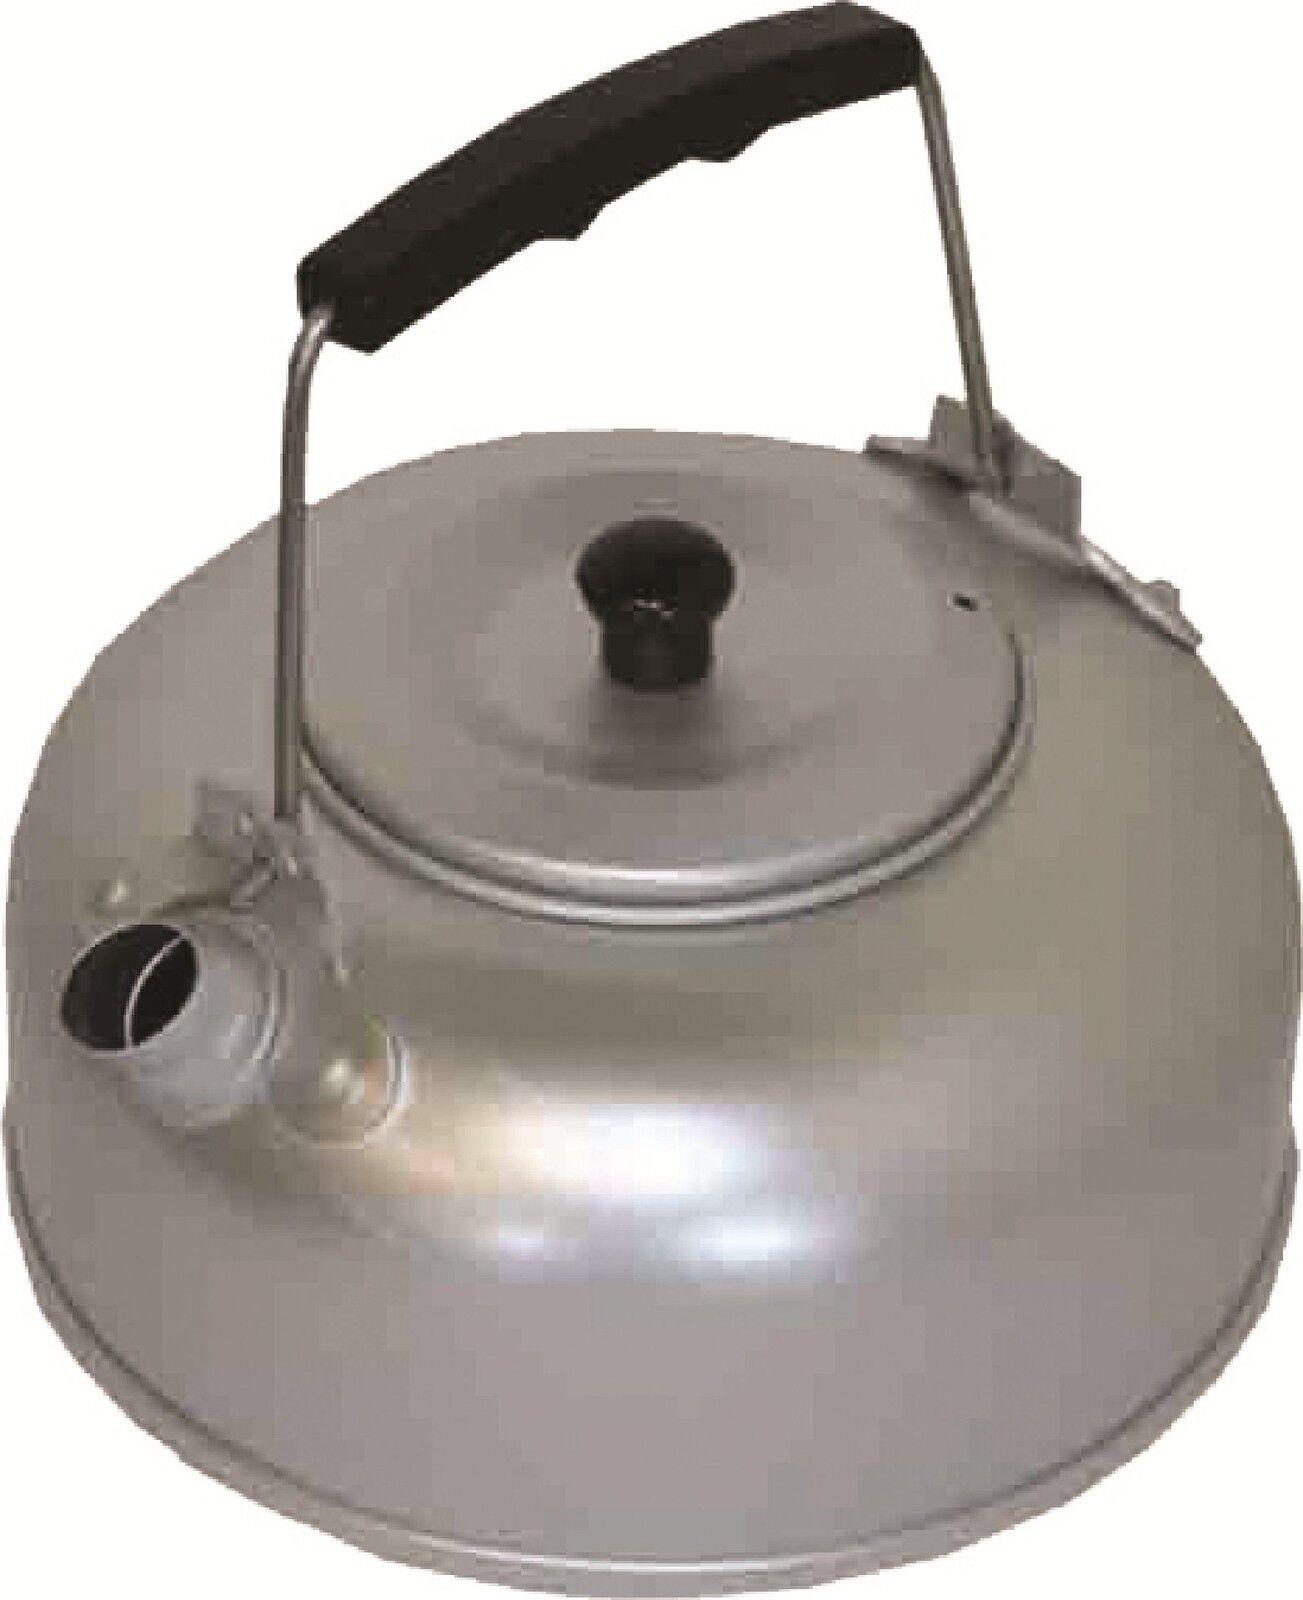 Nouveau camping bouilloire en aluminium aluminium aluminium anodisé 2 pinte Bushcraft Camping bad4bb